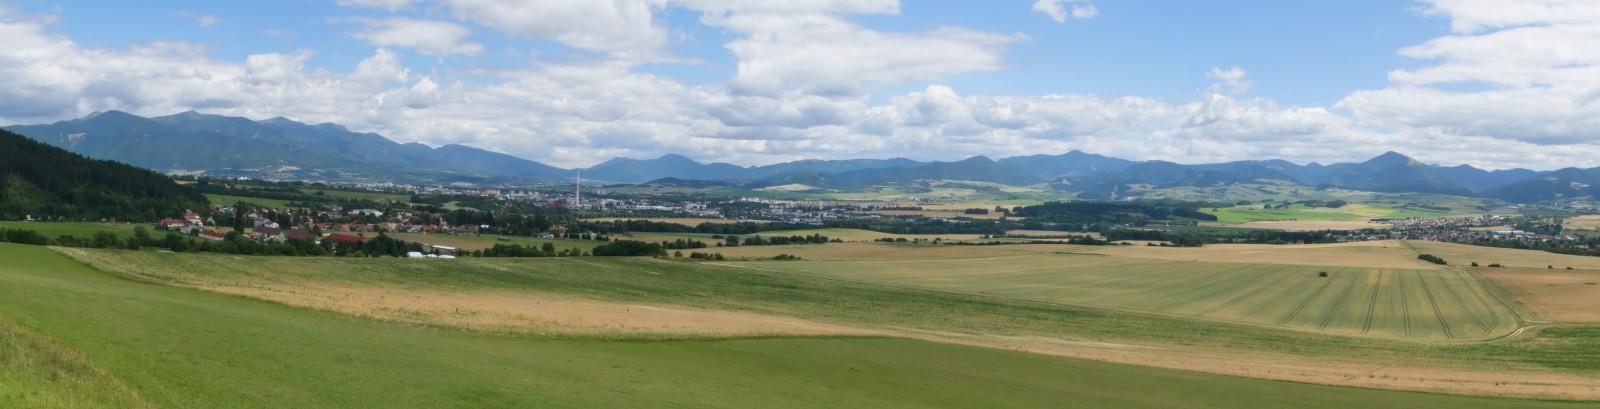 Výhled z rozhledny na Tankovej ceste